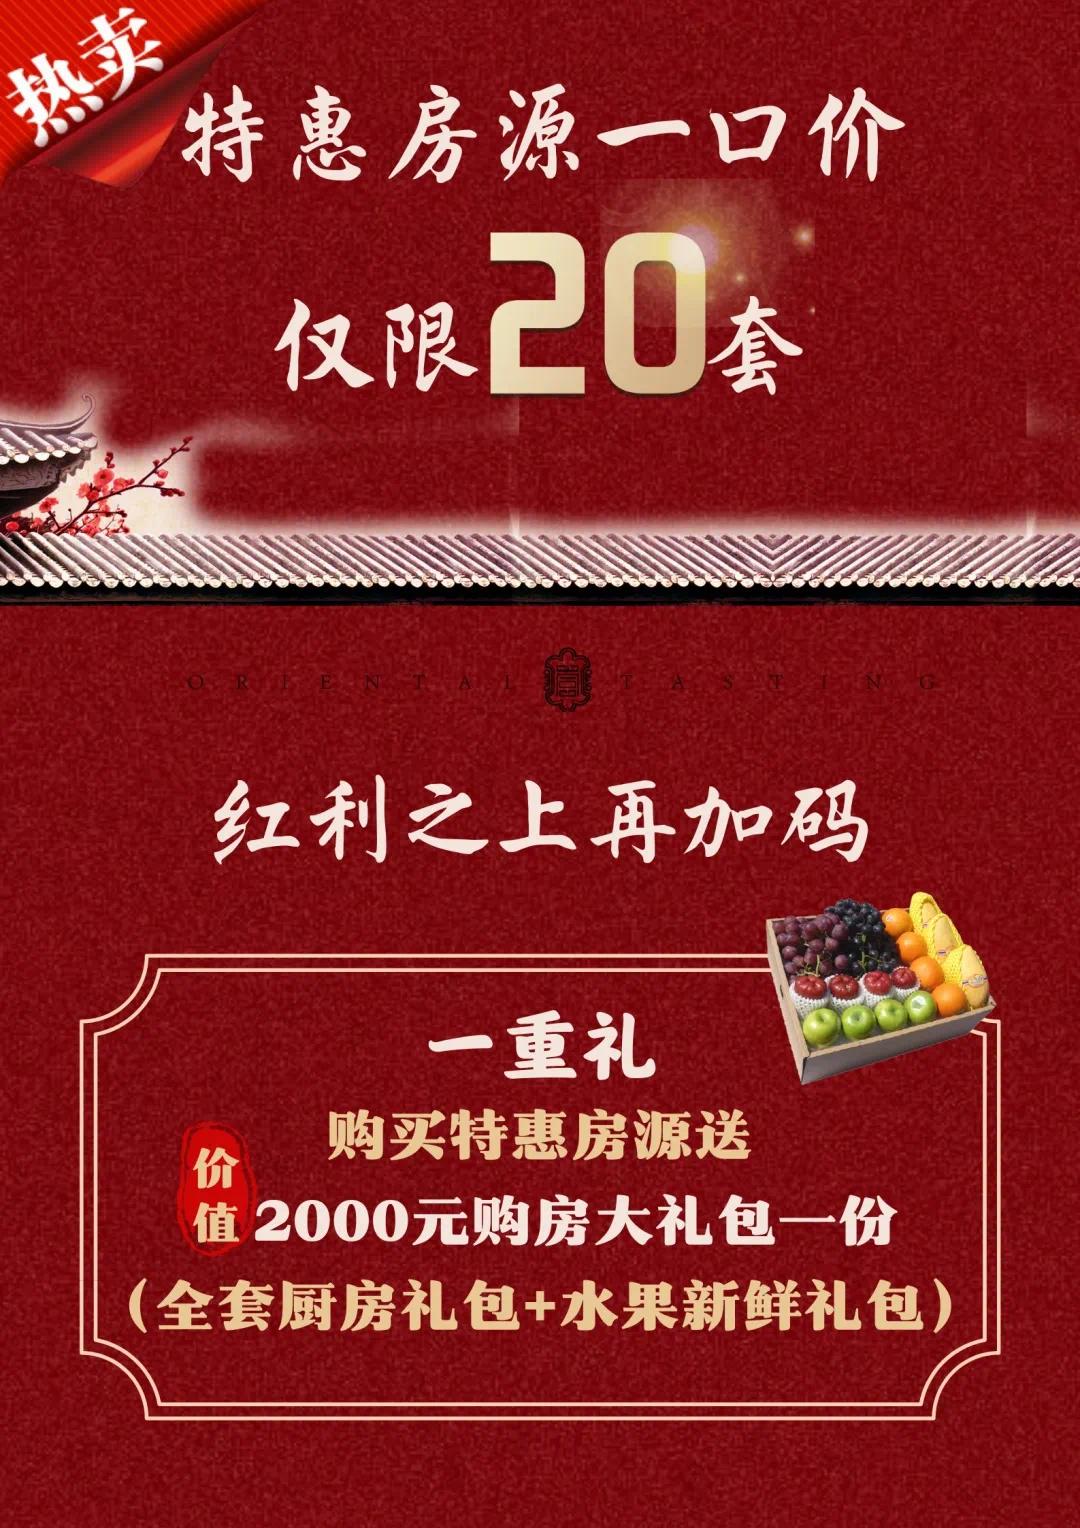 清明小长假 【东方一品】特惠房源一口价仅限20套